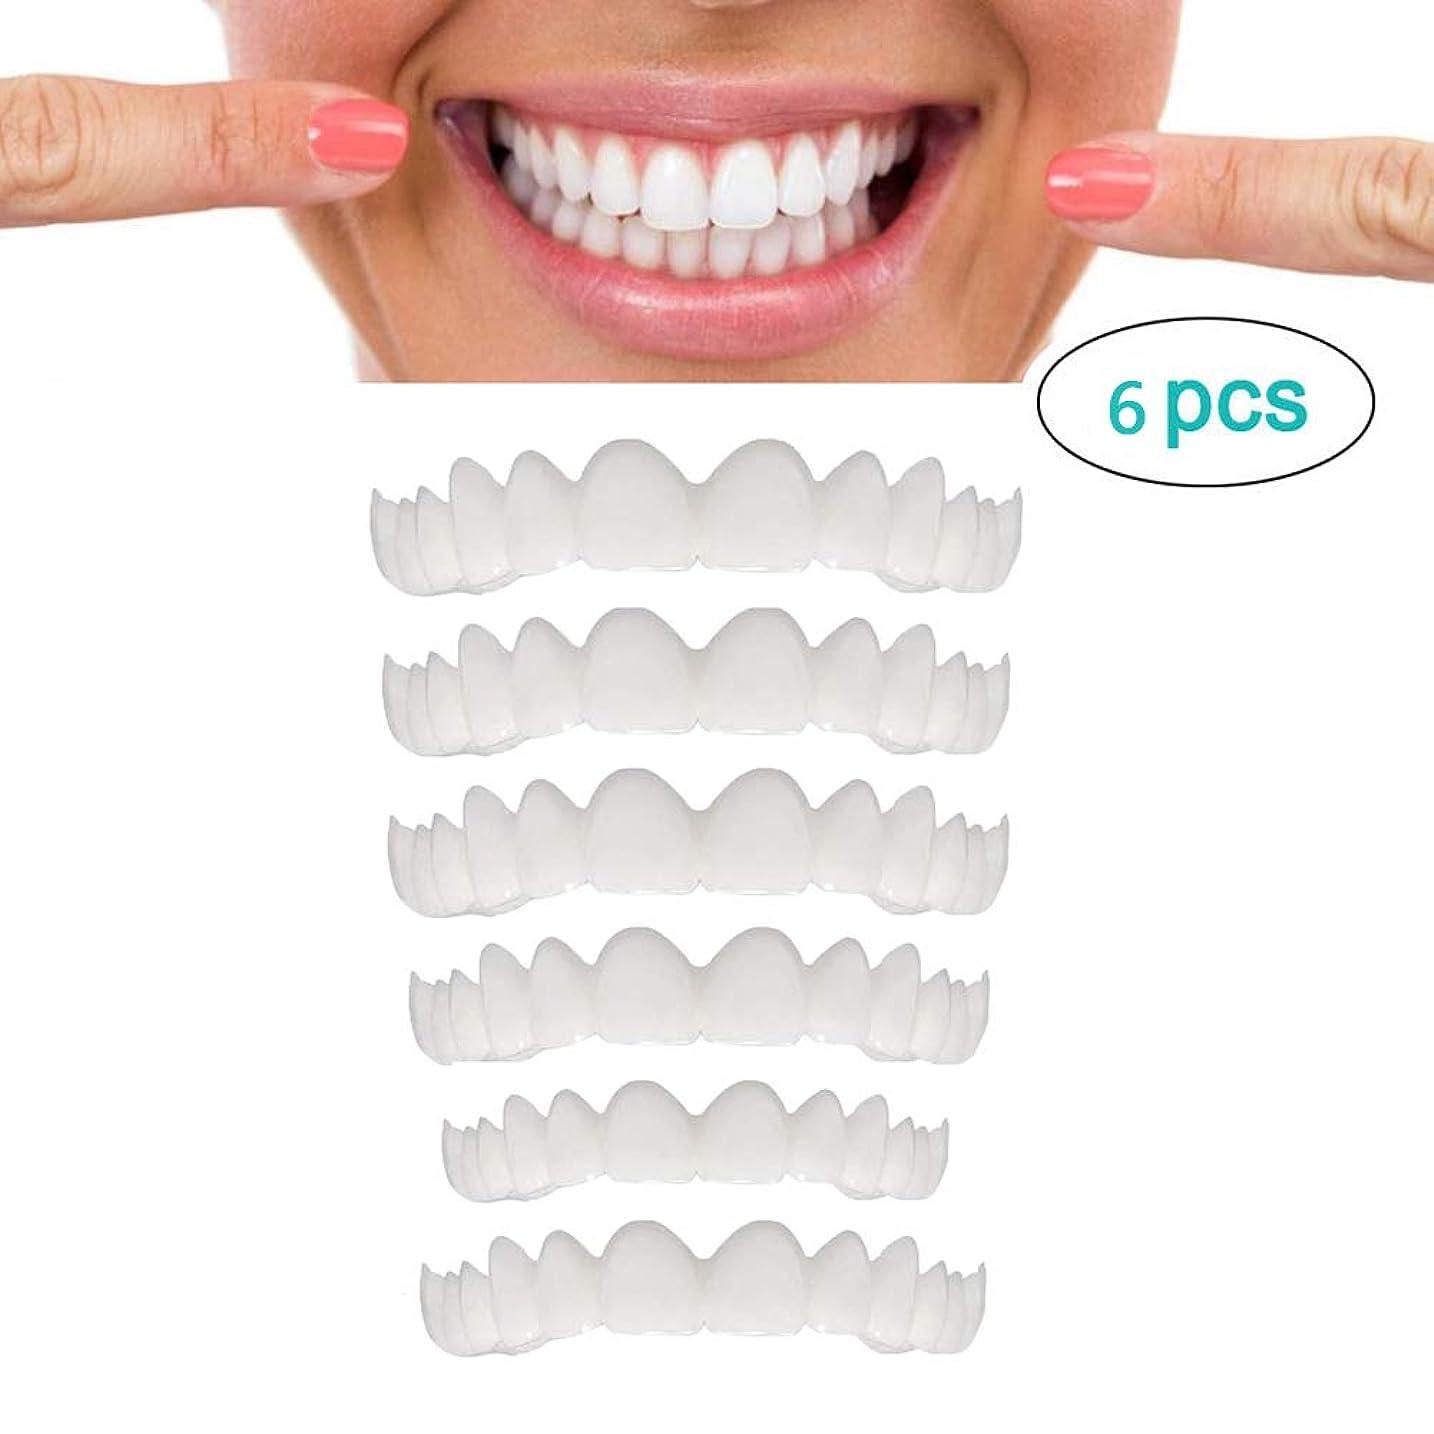 パッド修理工かび臭い一時的な化粧品の歯義歯歯ワンサイズフィットインスタントパーフェクトベニアのスナップスナップキャップを白くする下のベニヤ歯のベニヤ